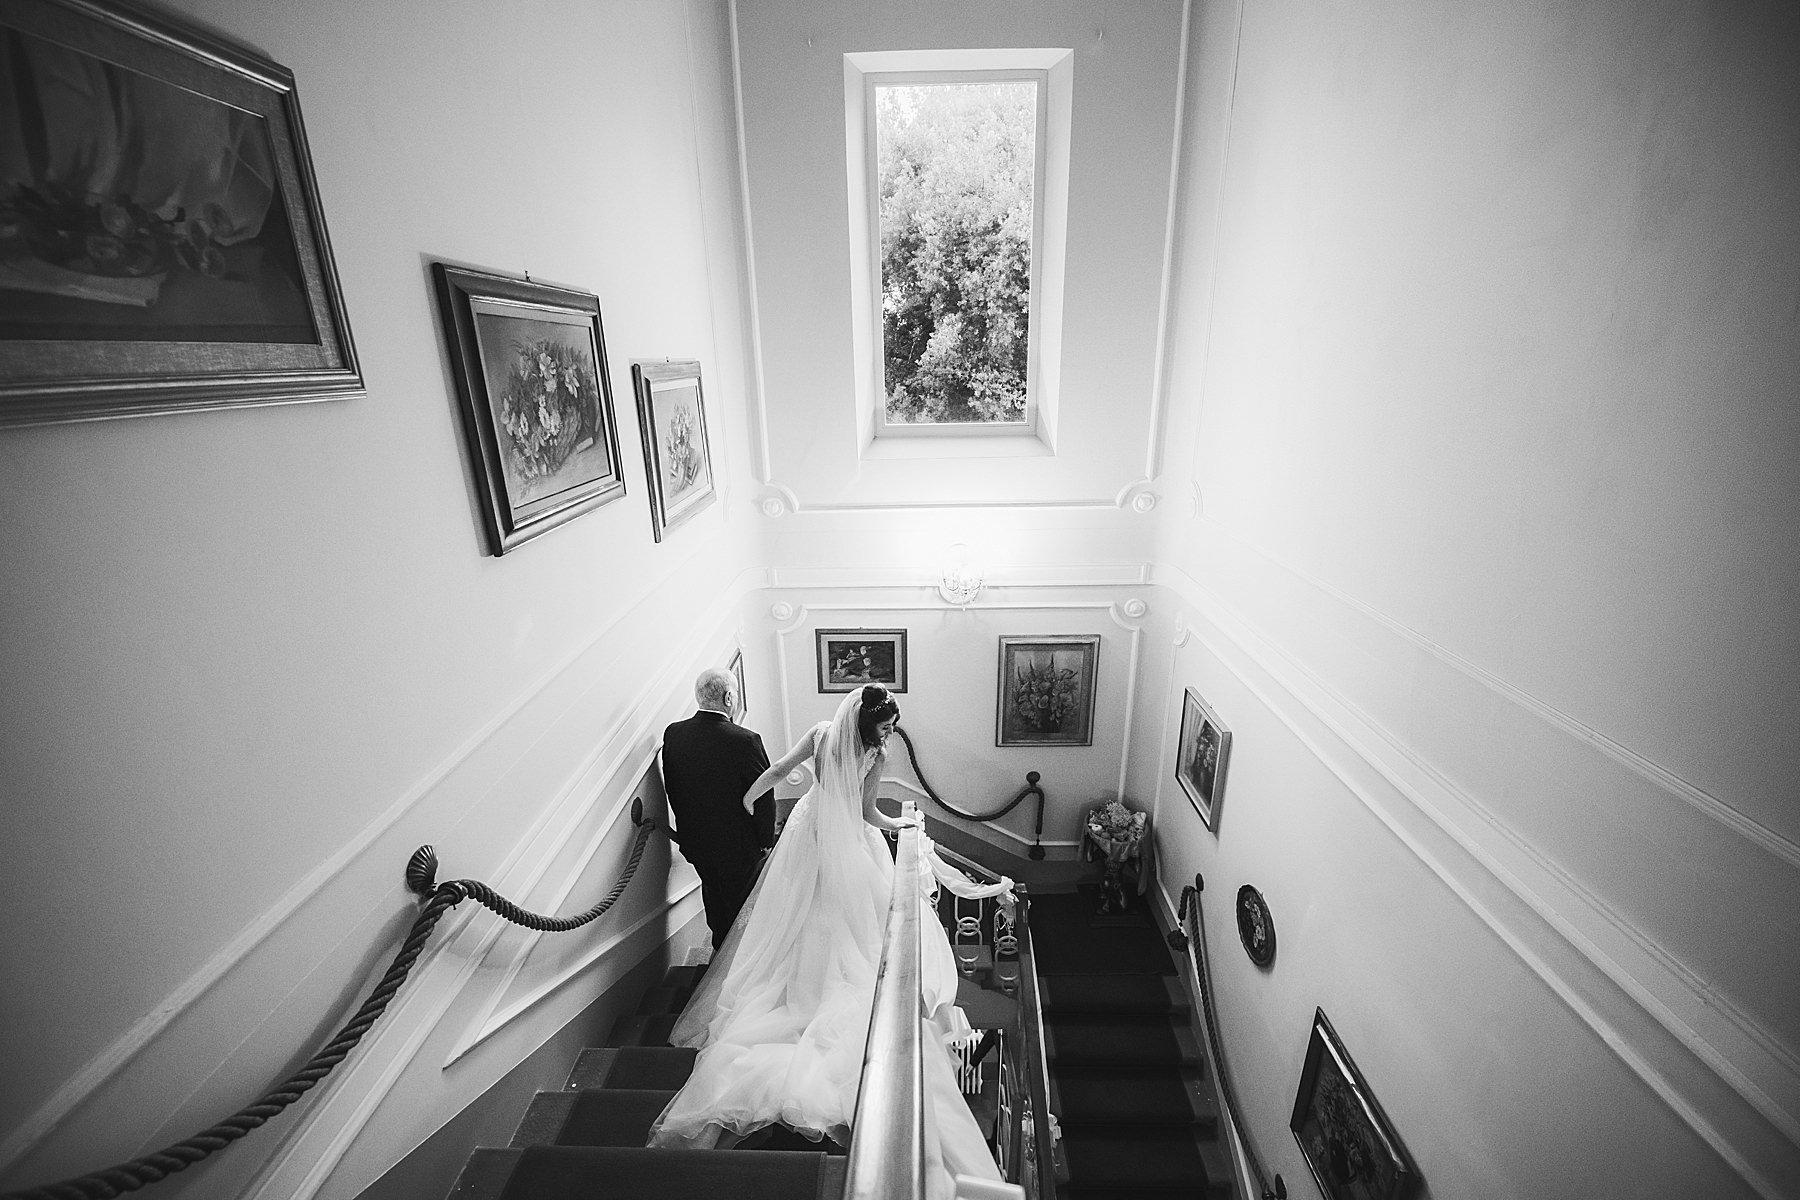 fotografia di matrimonio a firenze in inverno 734